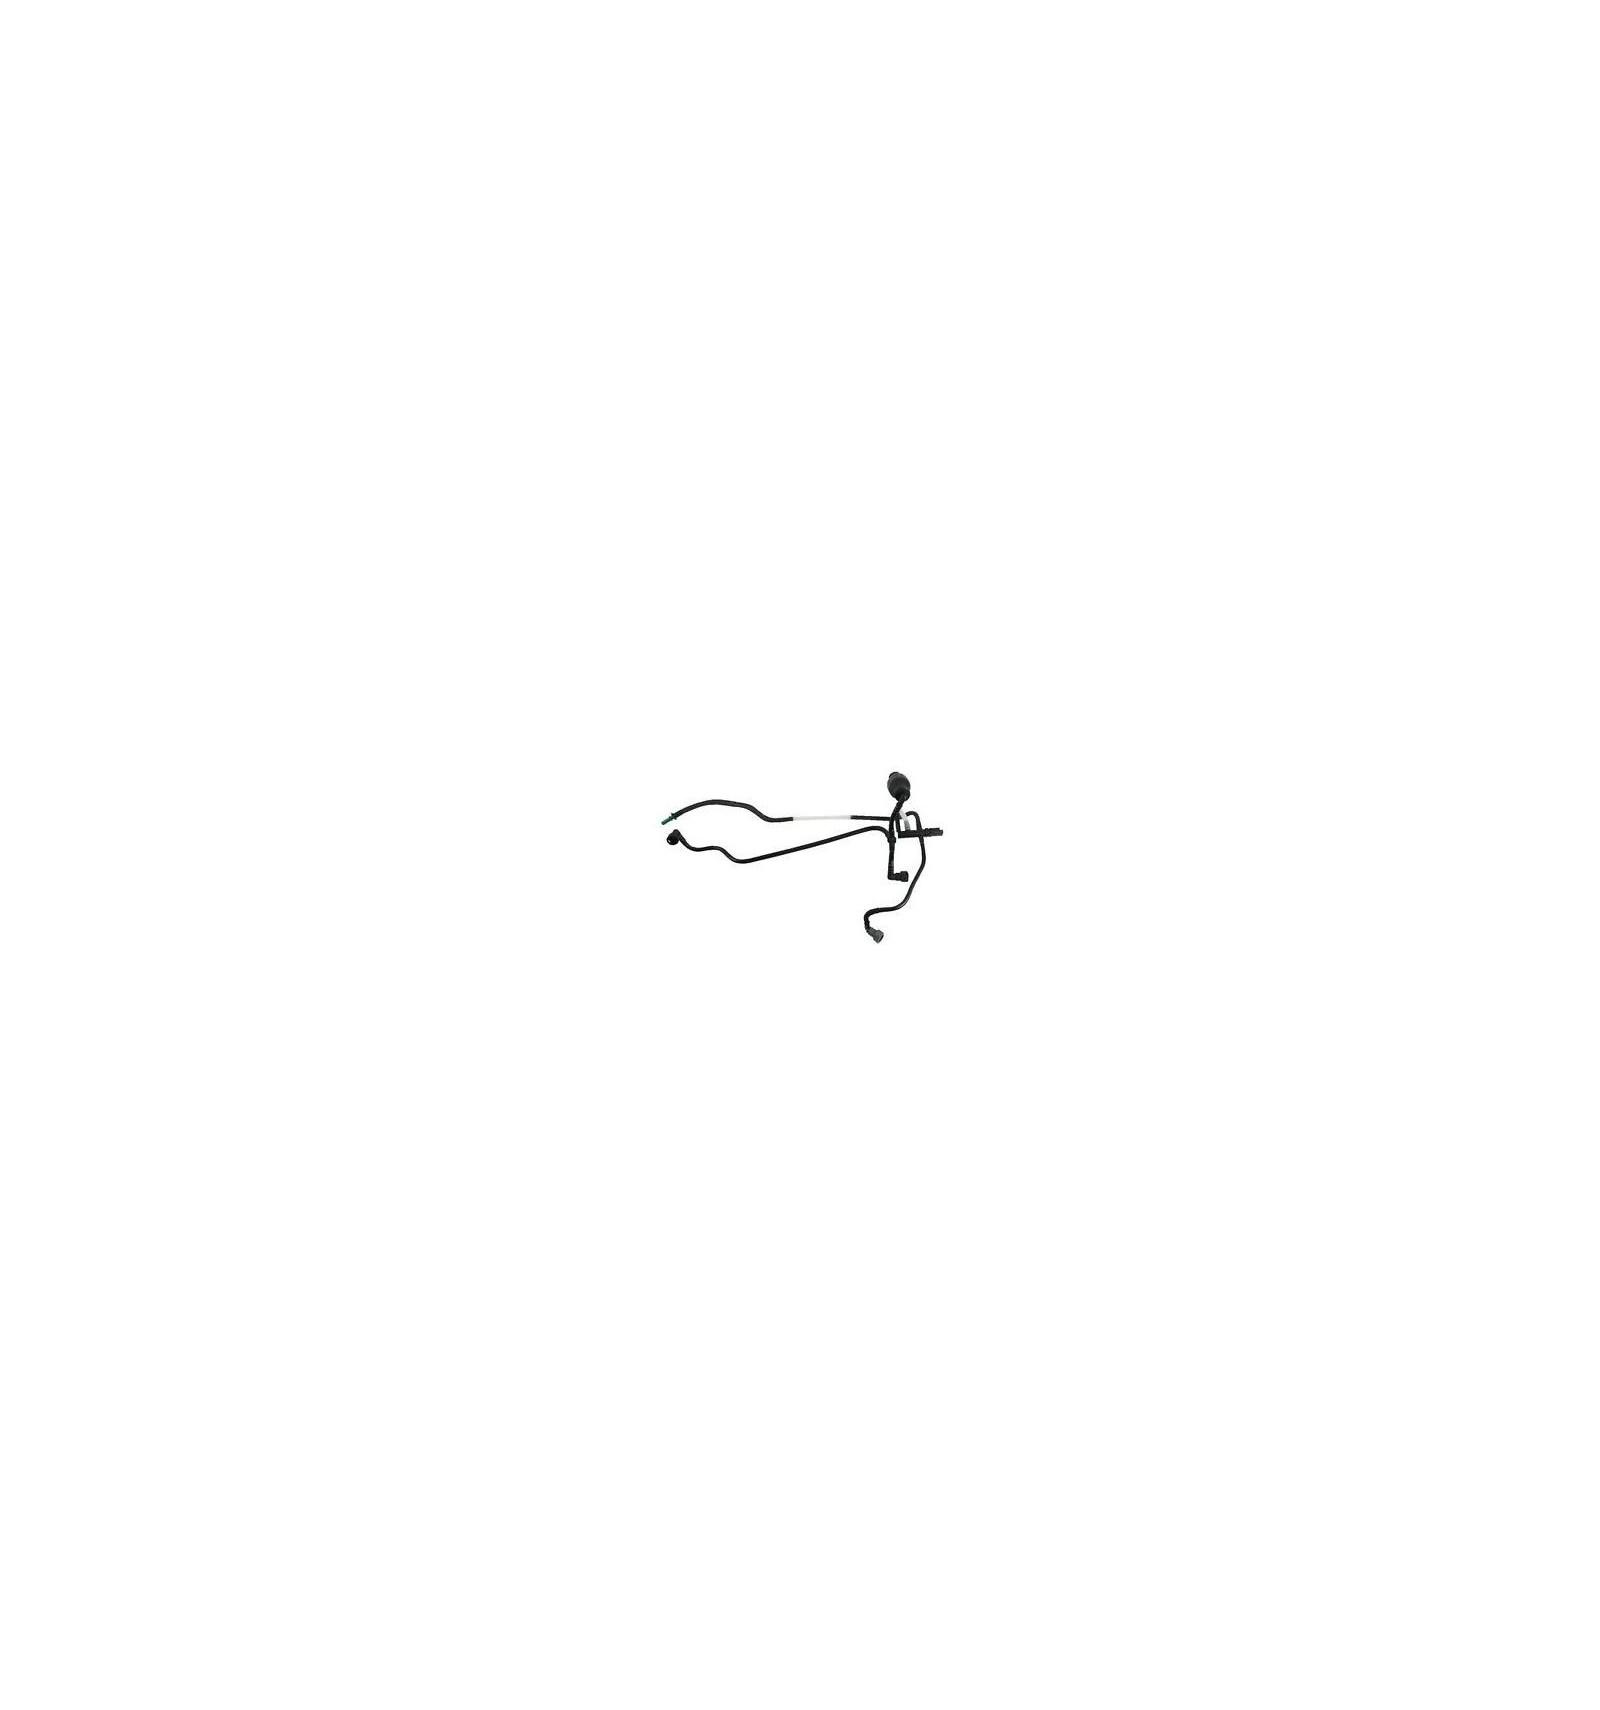 NOUVEAU * Poignée de porte support poignée porte-stock Arceau extérieur avant gauche pour BMW x5 e53